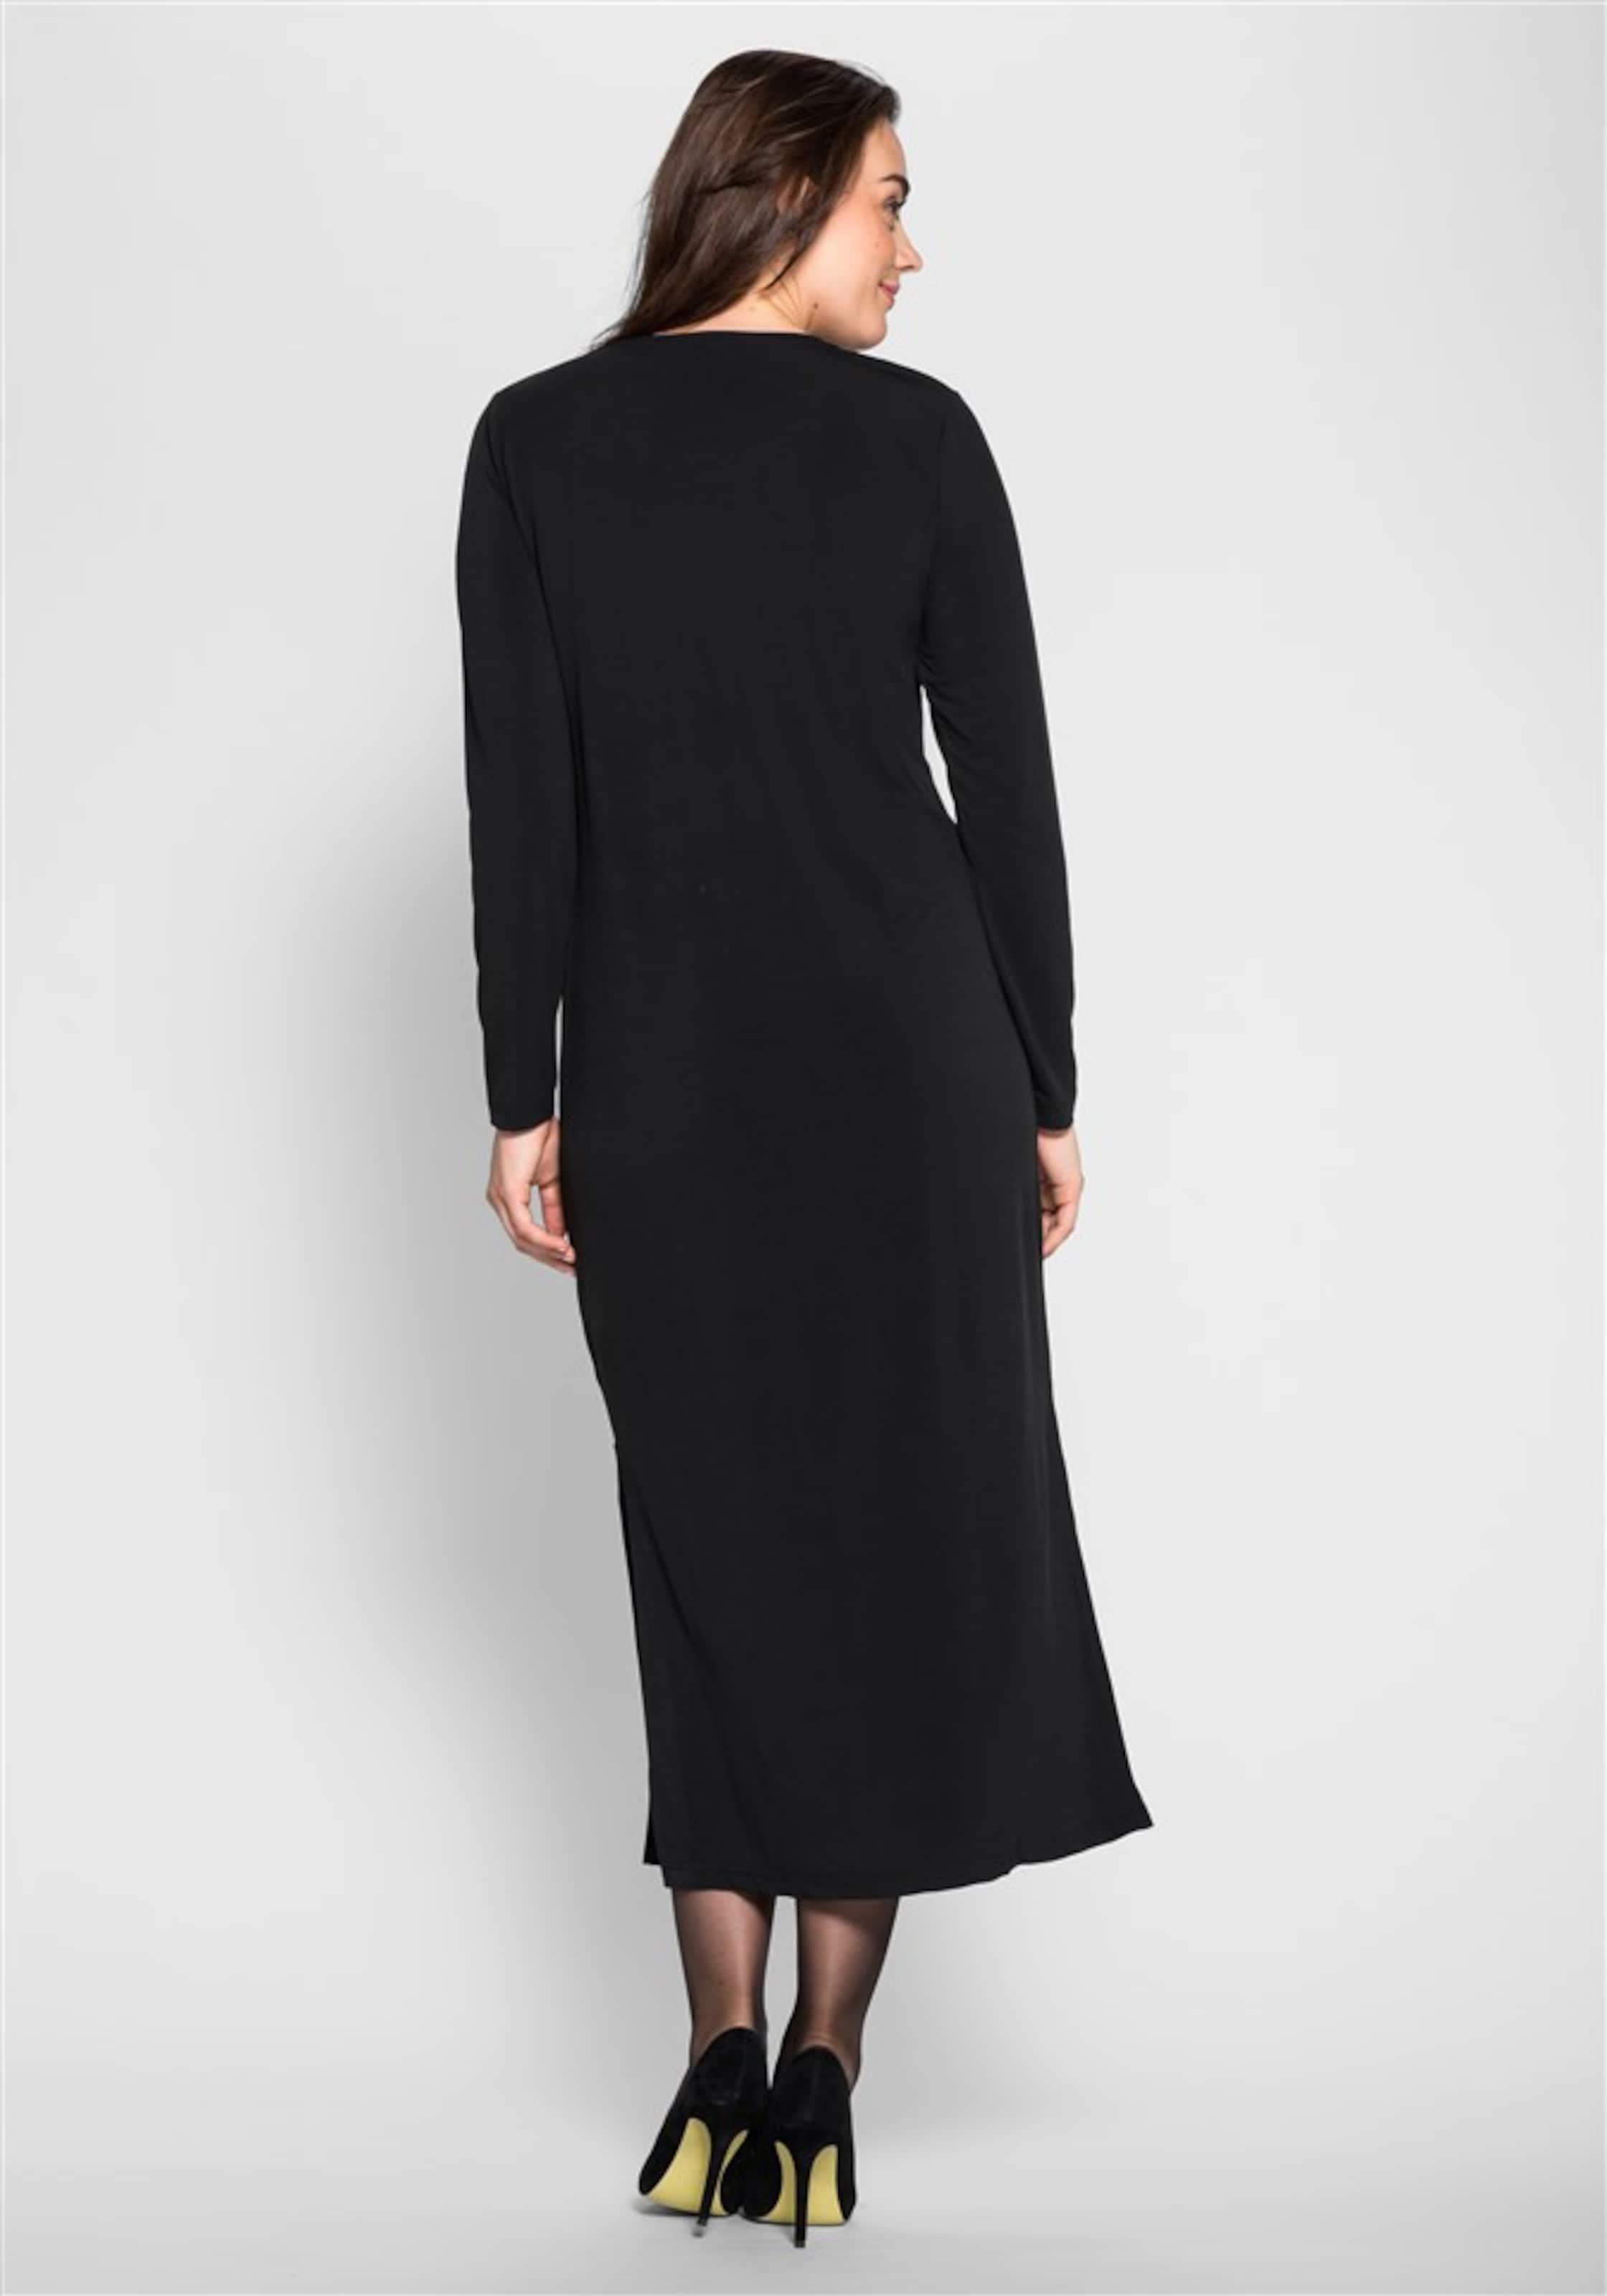 Style Schwarz In Jerseykleid Sheego FKclJ1T